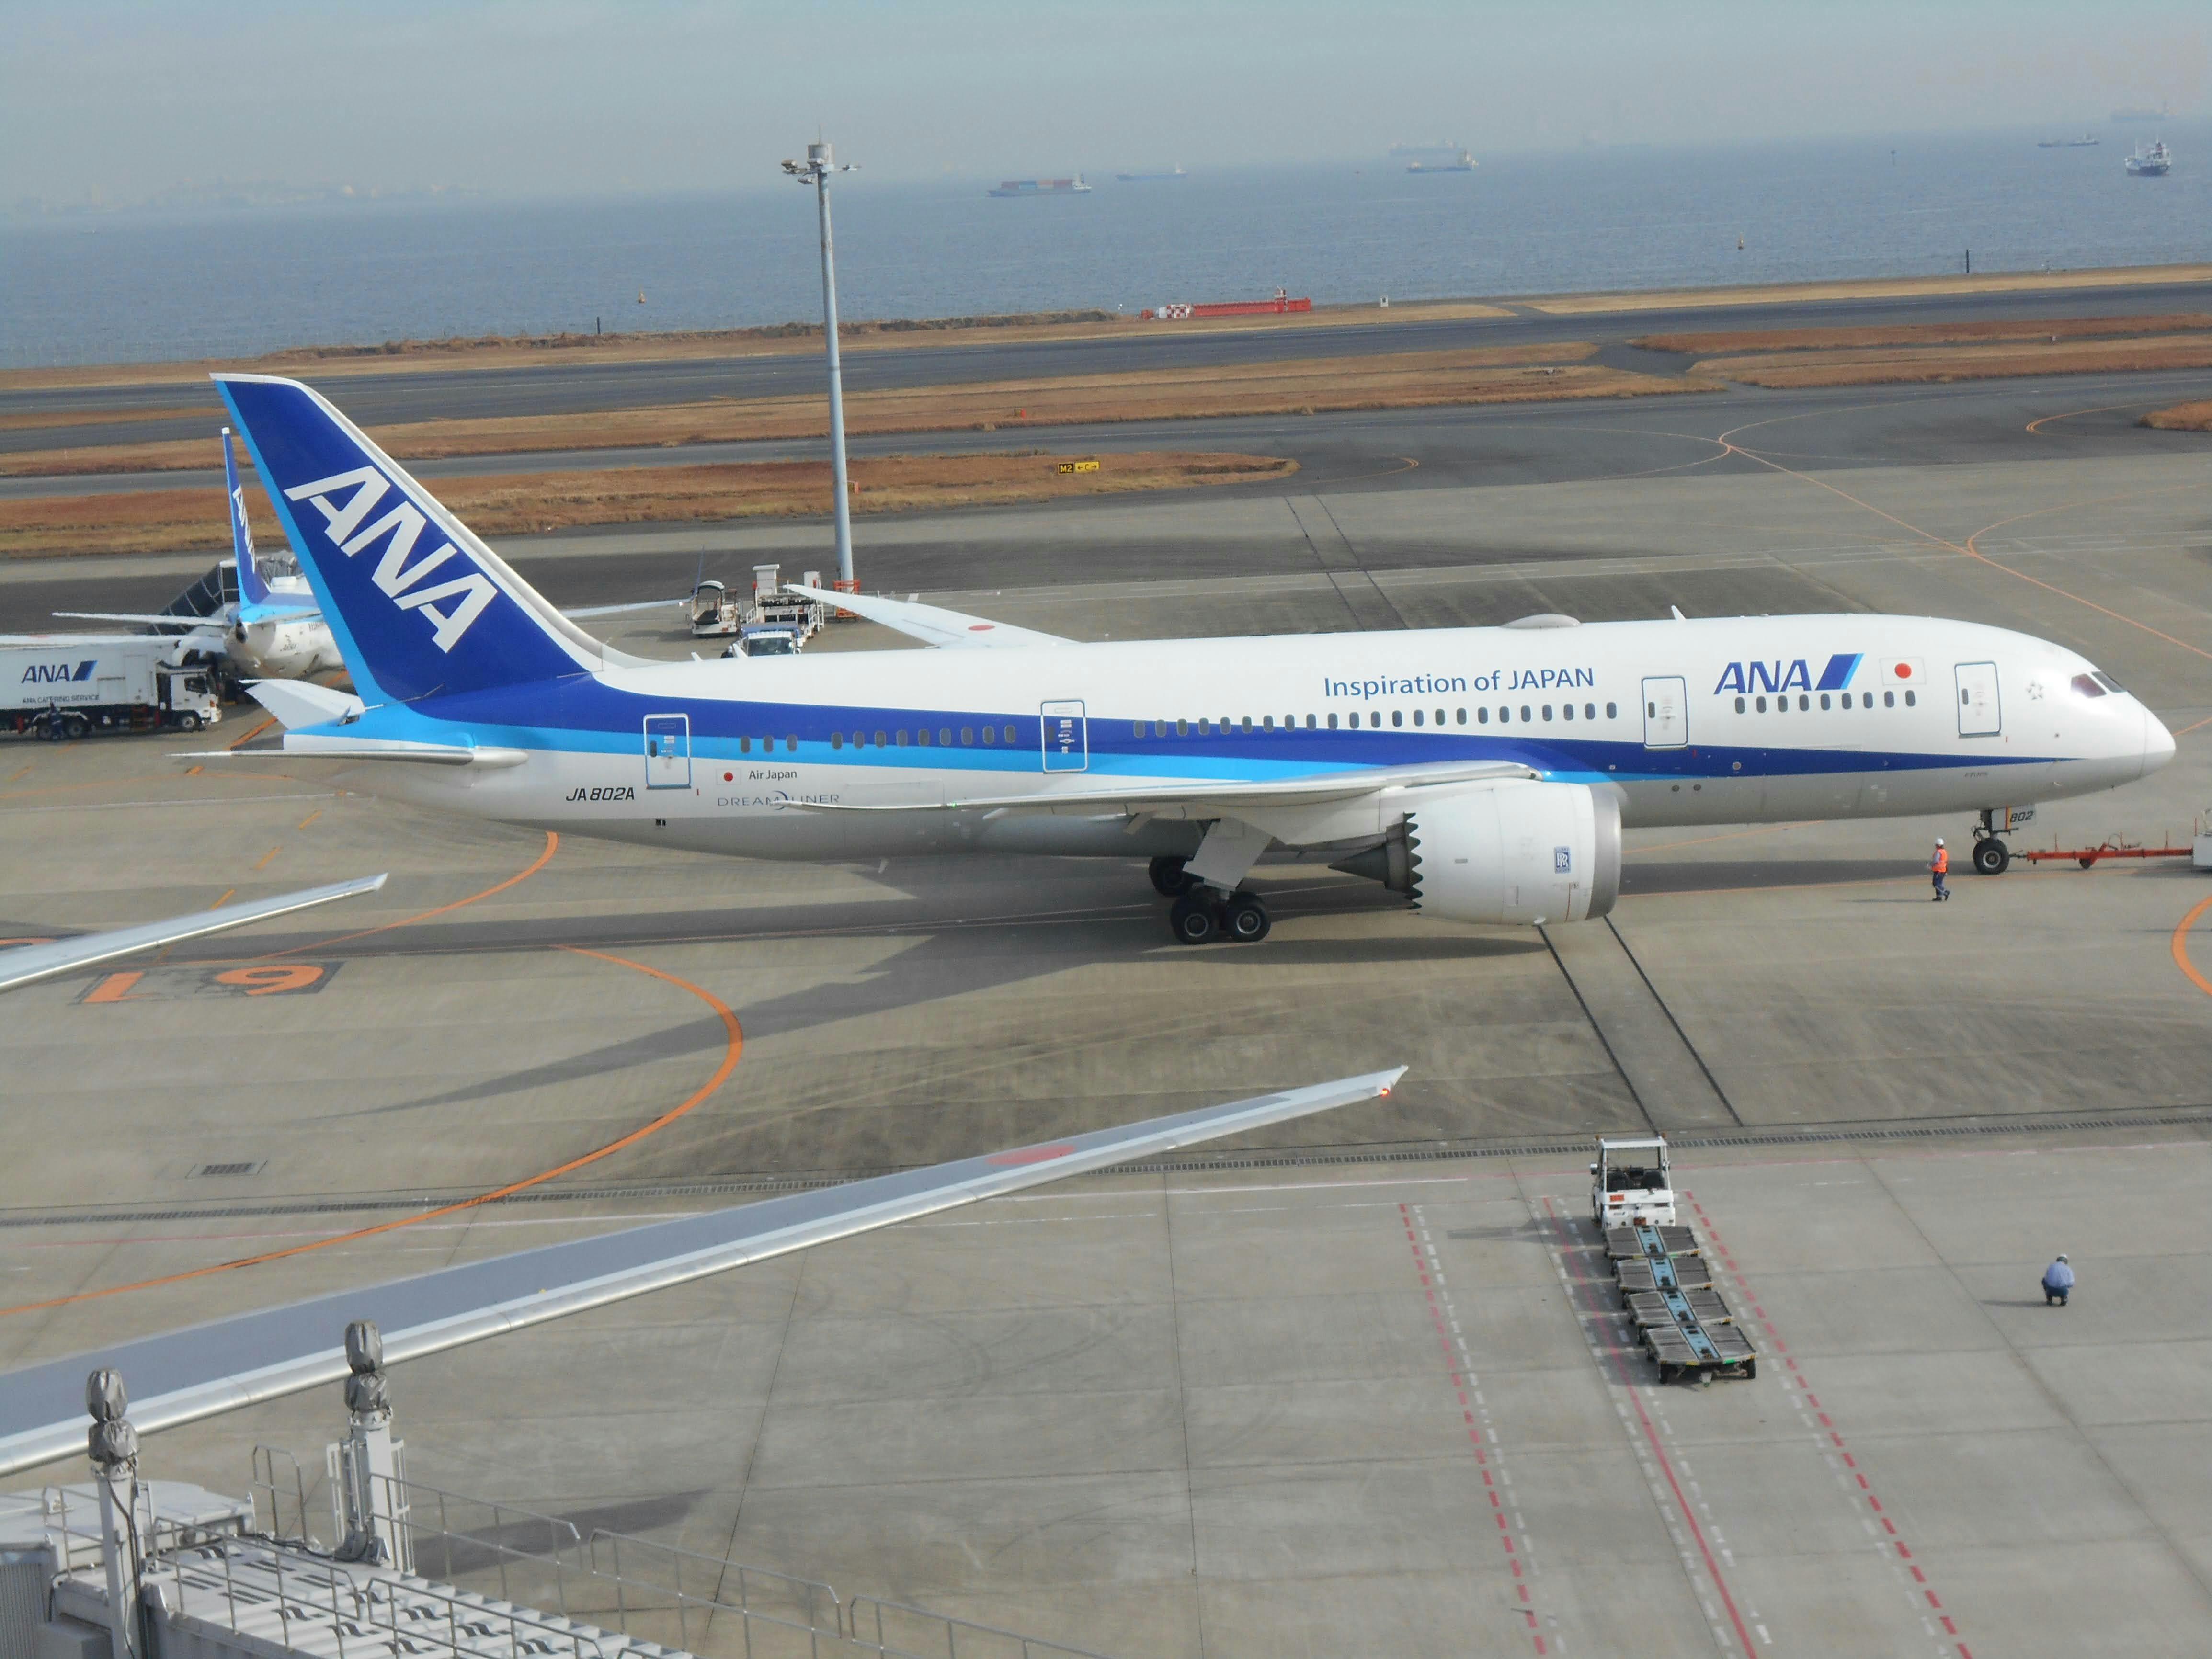 f:id:A350-900:20210224200830j:image